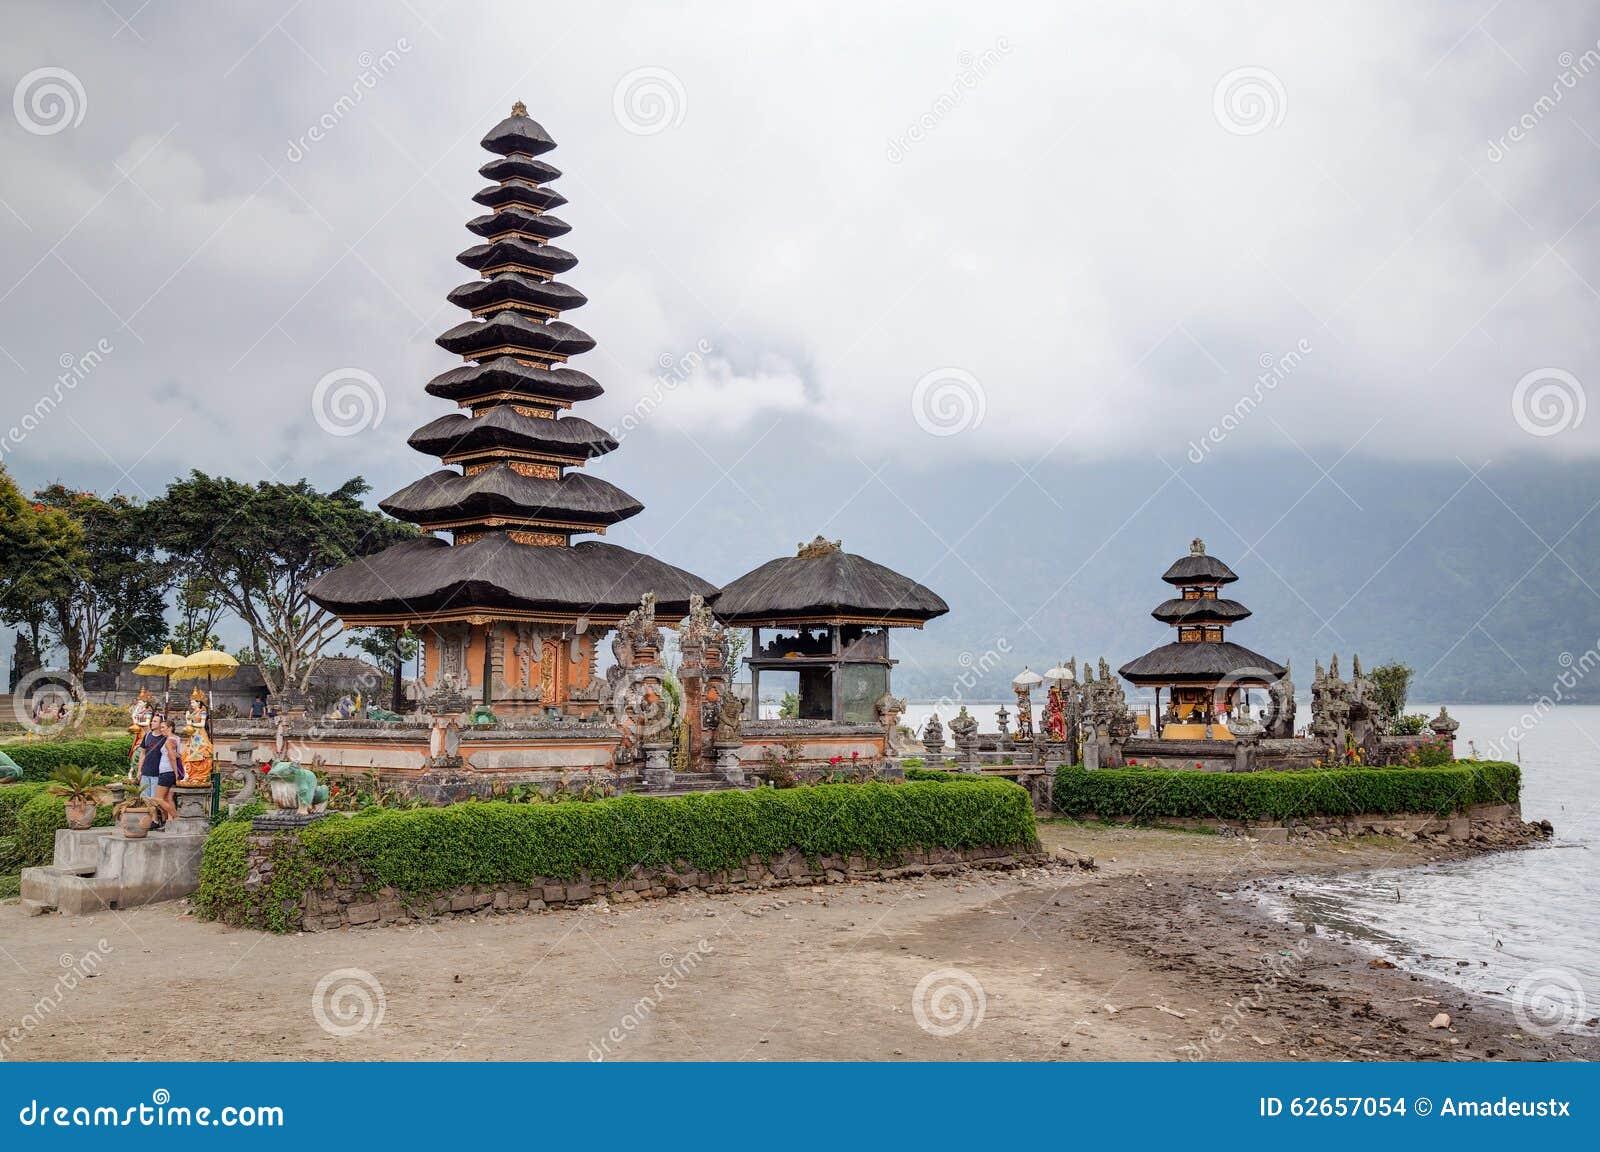 Tabanan, Bali/Indonesia - 09 25 2015: Pura Ulun Danu Bratan in Bali, Indonesia